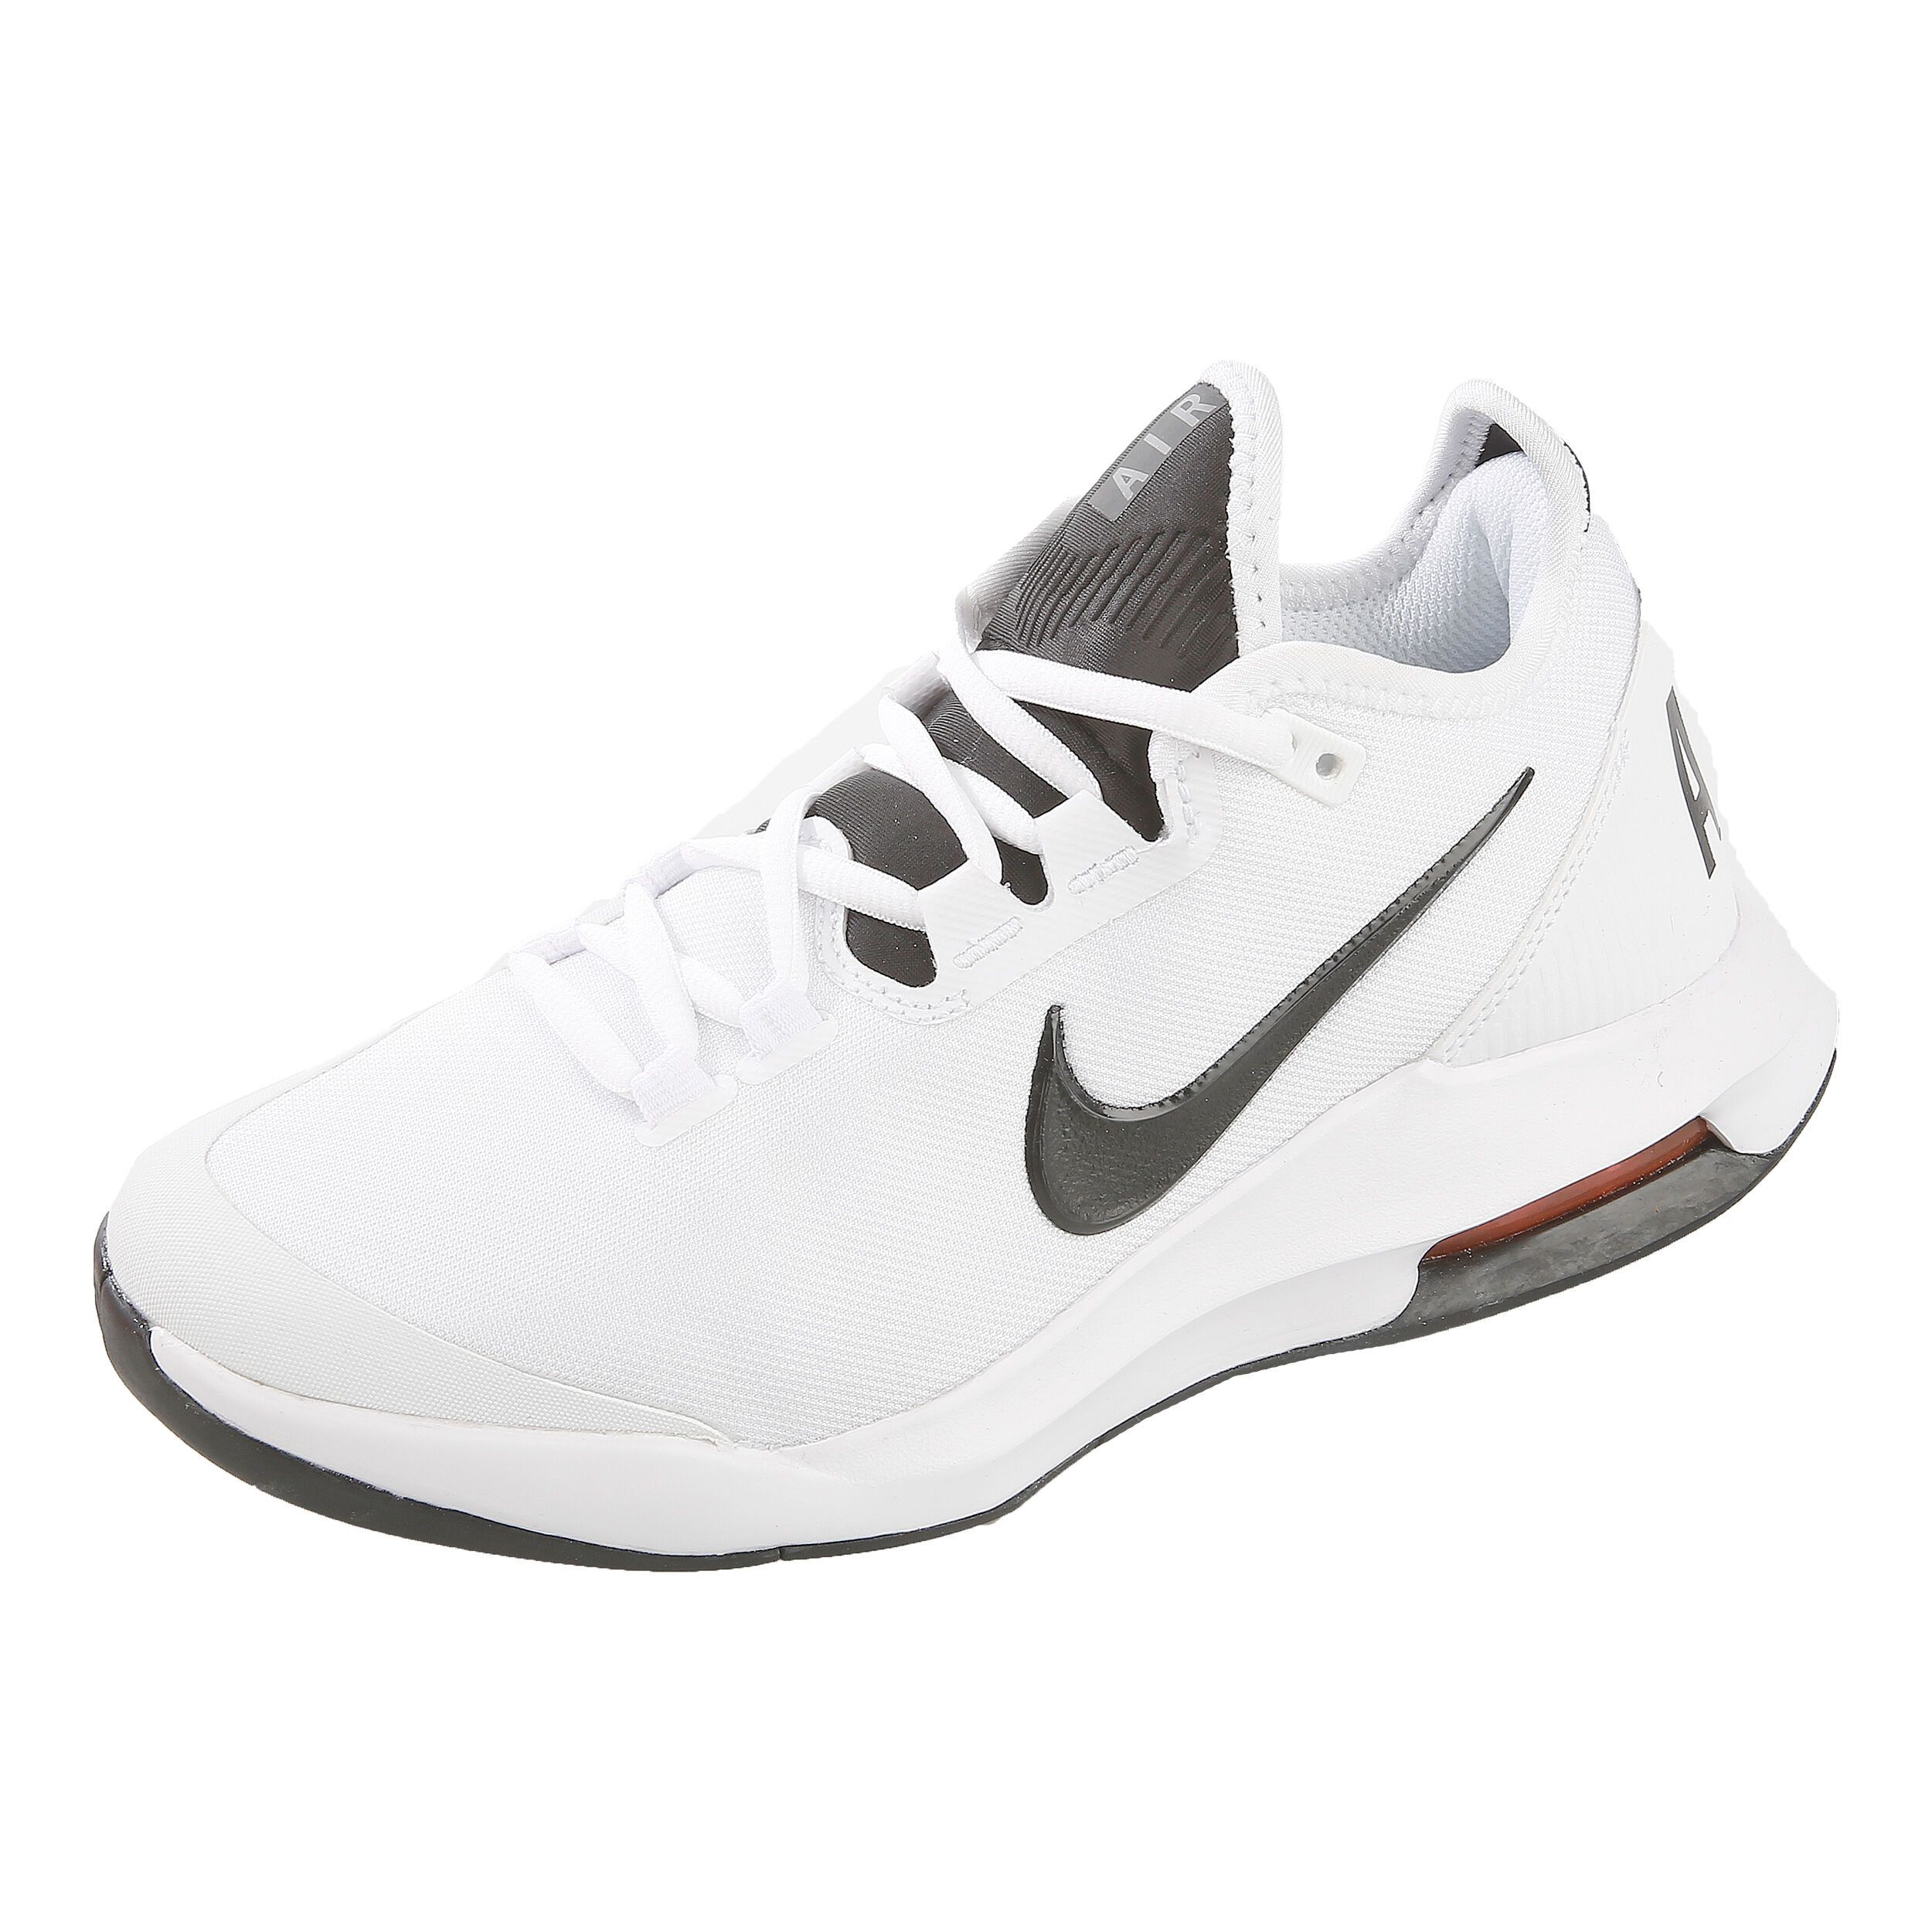 Nike Air Max Wildcard HC Chaussure Tout Terrain Hommes